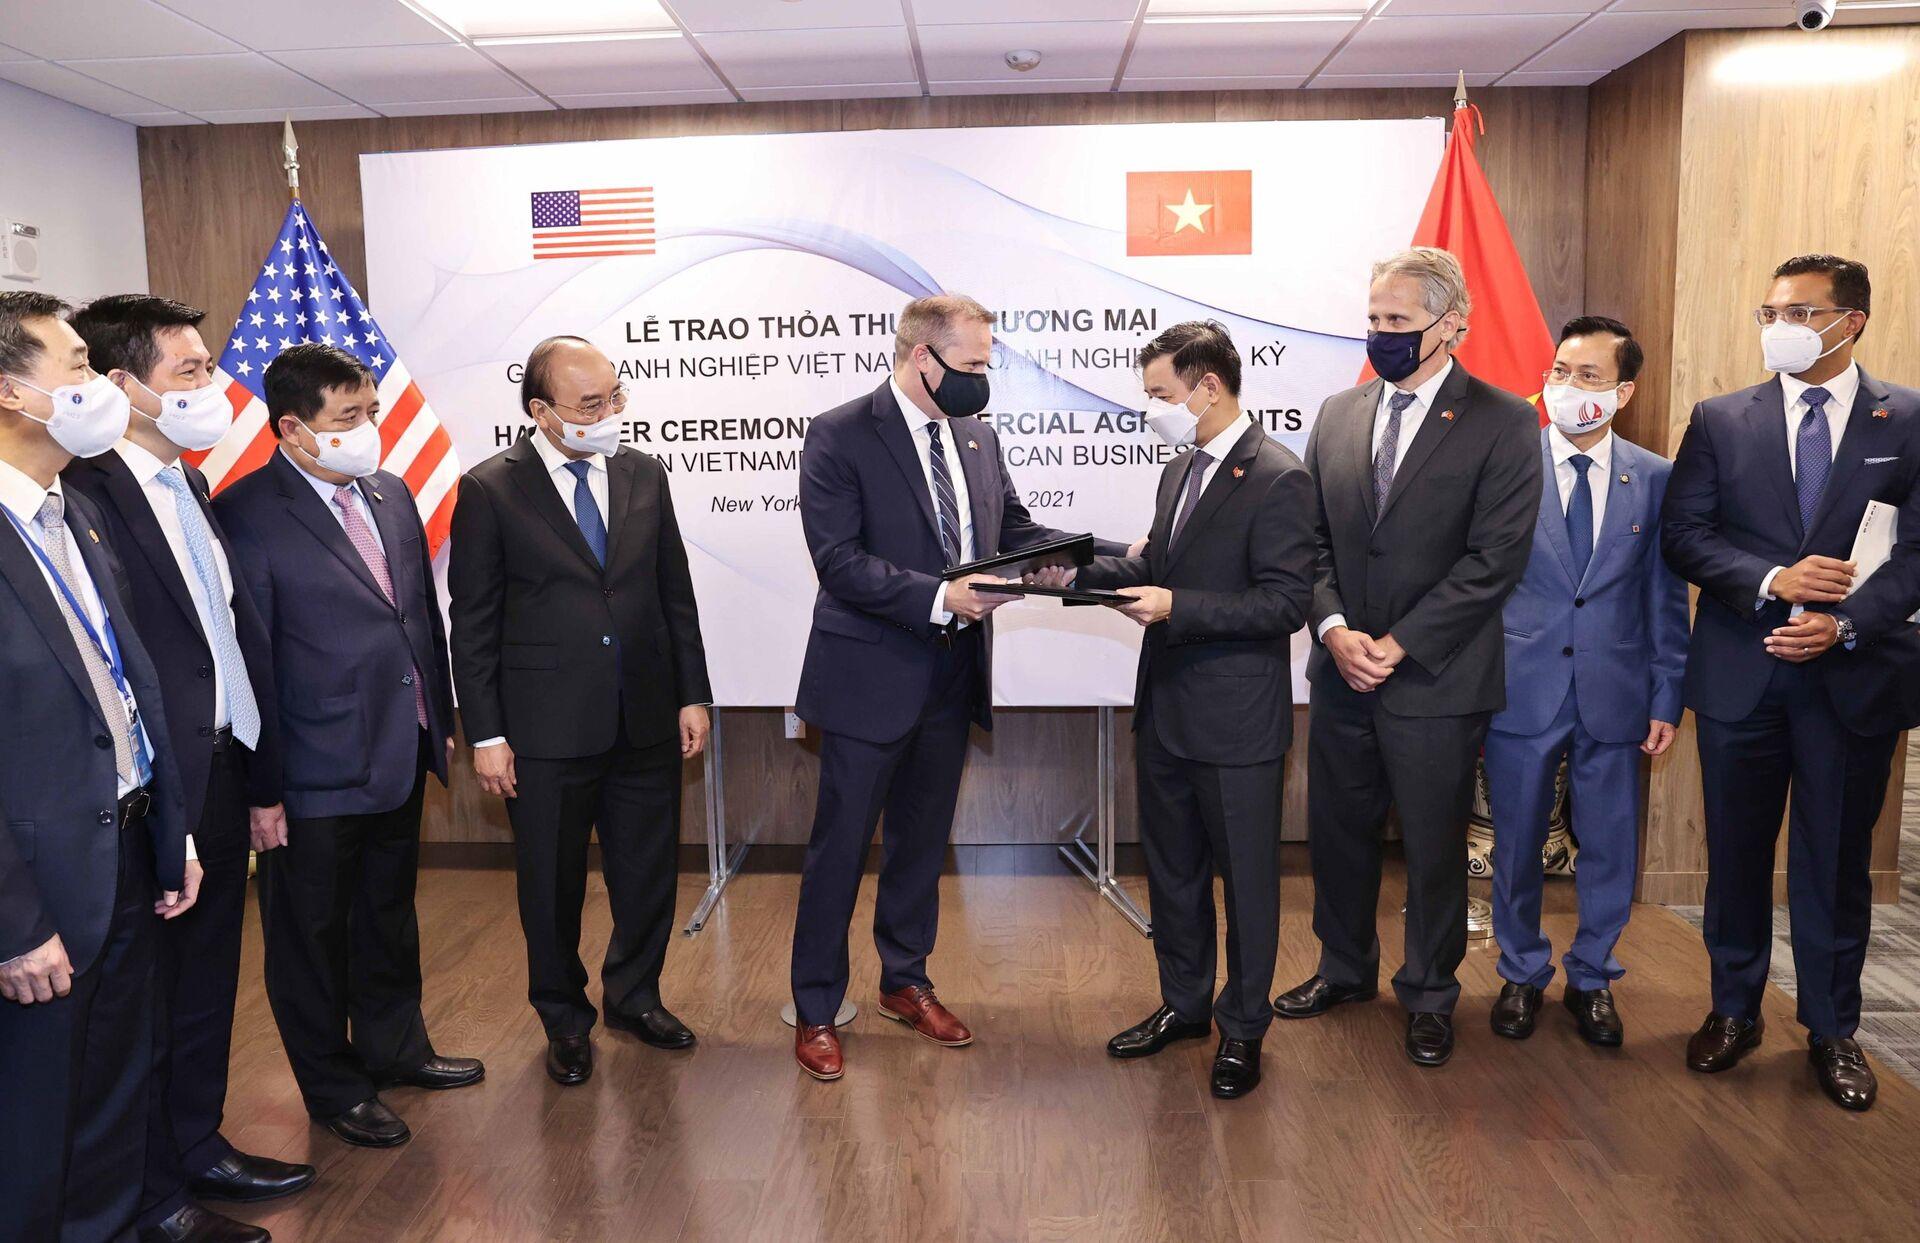 Chủ tịch nước Nguyễn Xuân Phúc chứng kiến Lễ trao Thoả thuận hợp tác giữa các doanh nghiệp Việt Nam và doanh nghiệp Hoa Kỳ - Sputnik Việt Nam, 1920, 05.10.2021